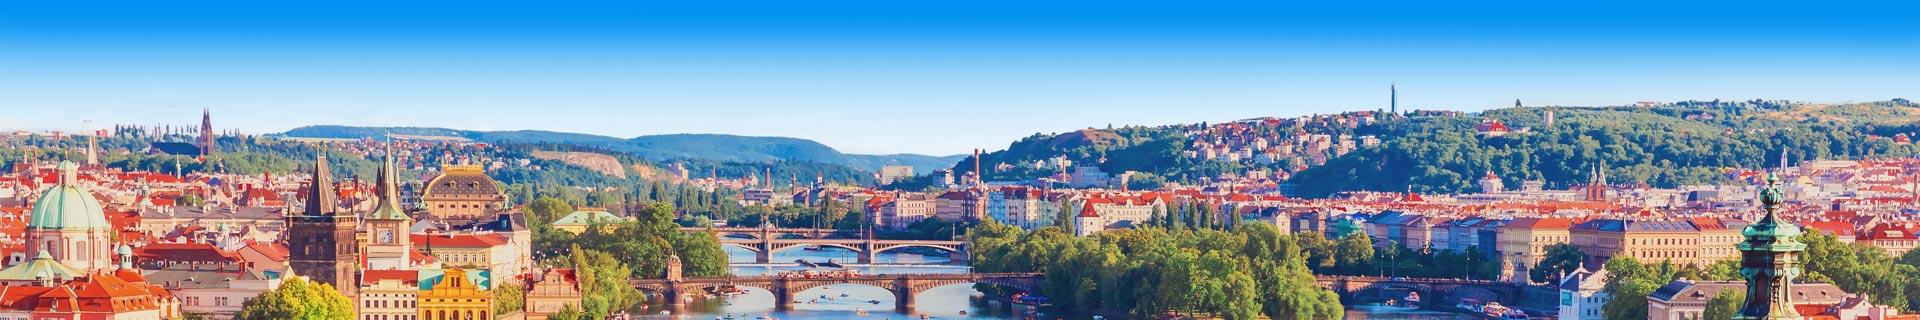 Foto van een kanaal met bruggen in Tsjechië